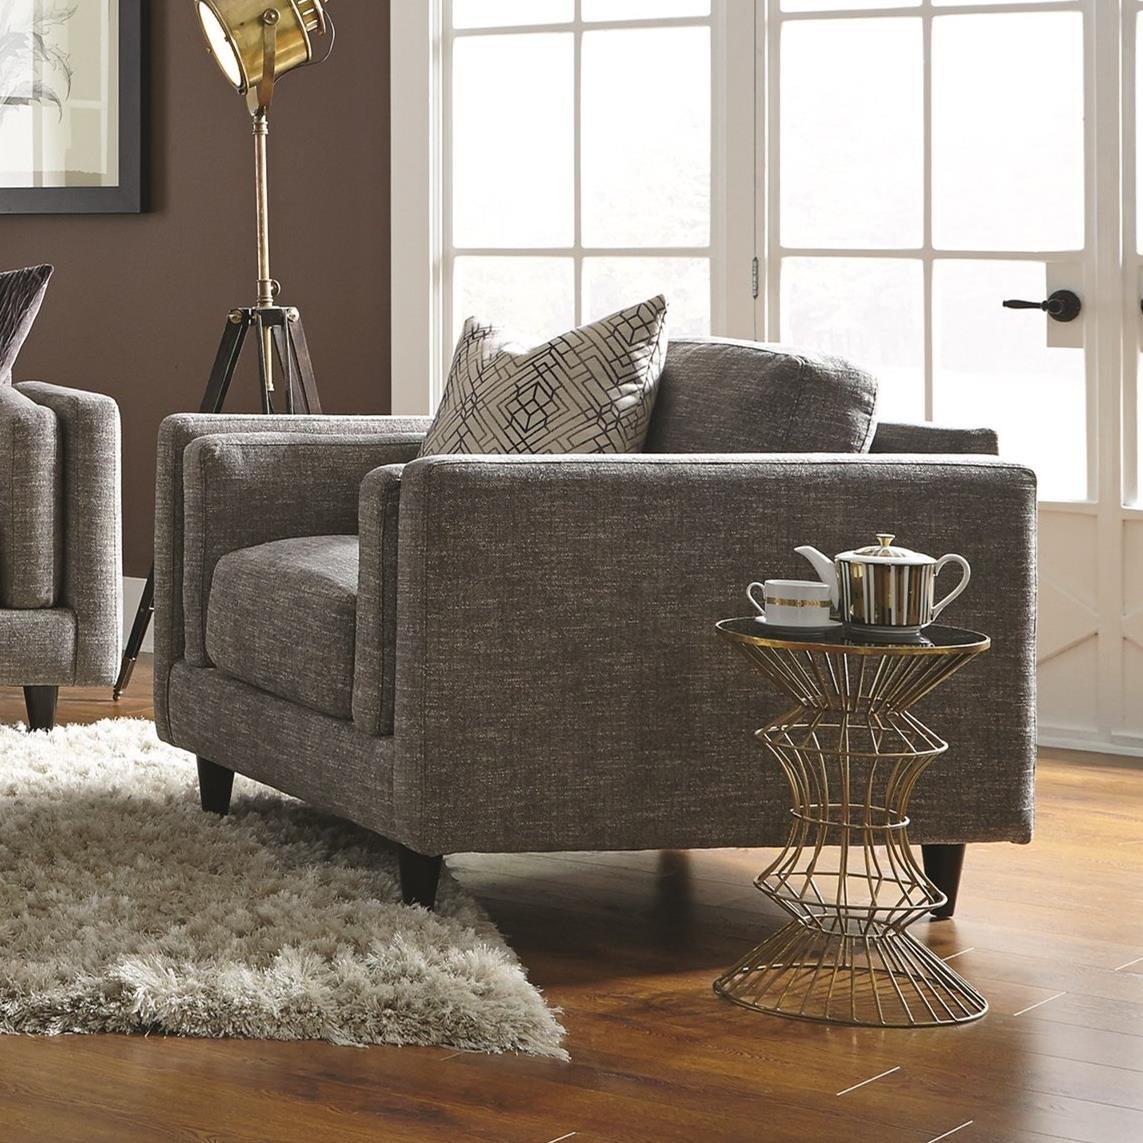 Franklin Argentine 838 Upholstered Chair - Item Number: 83888-3779-06